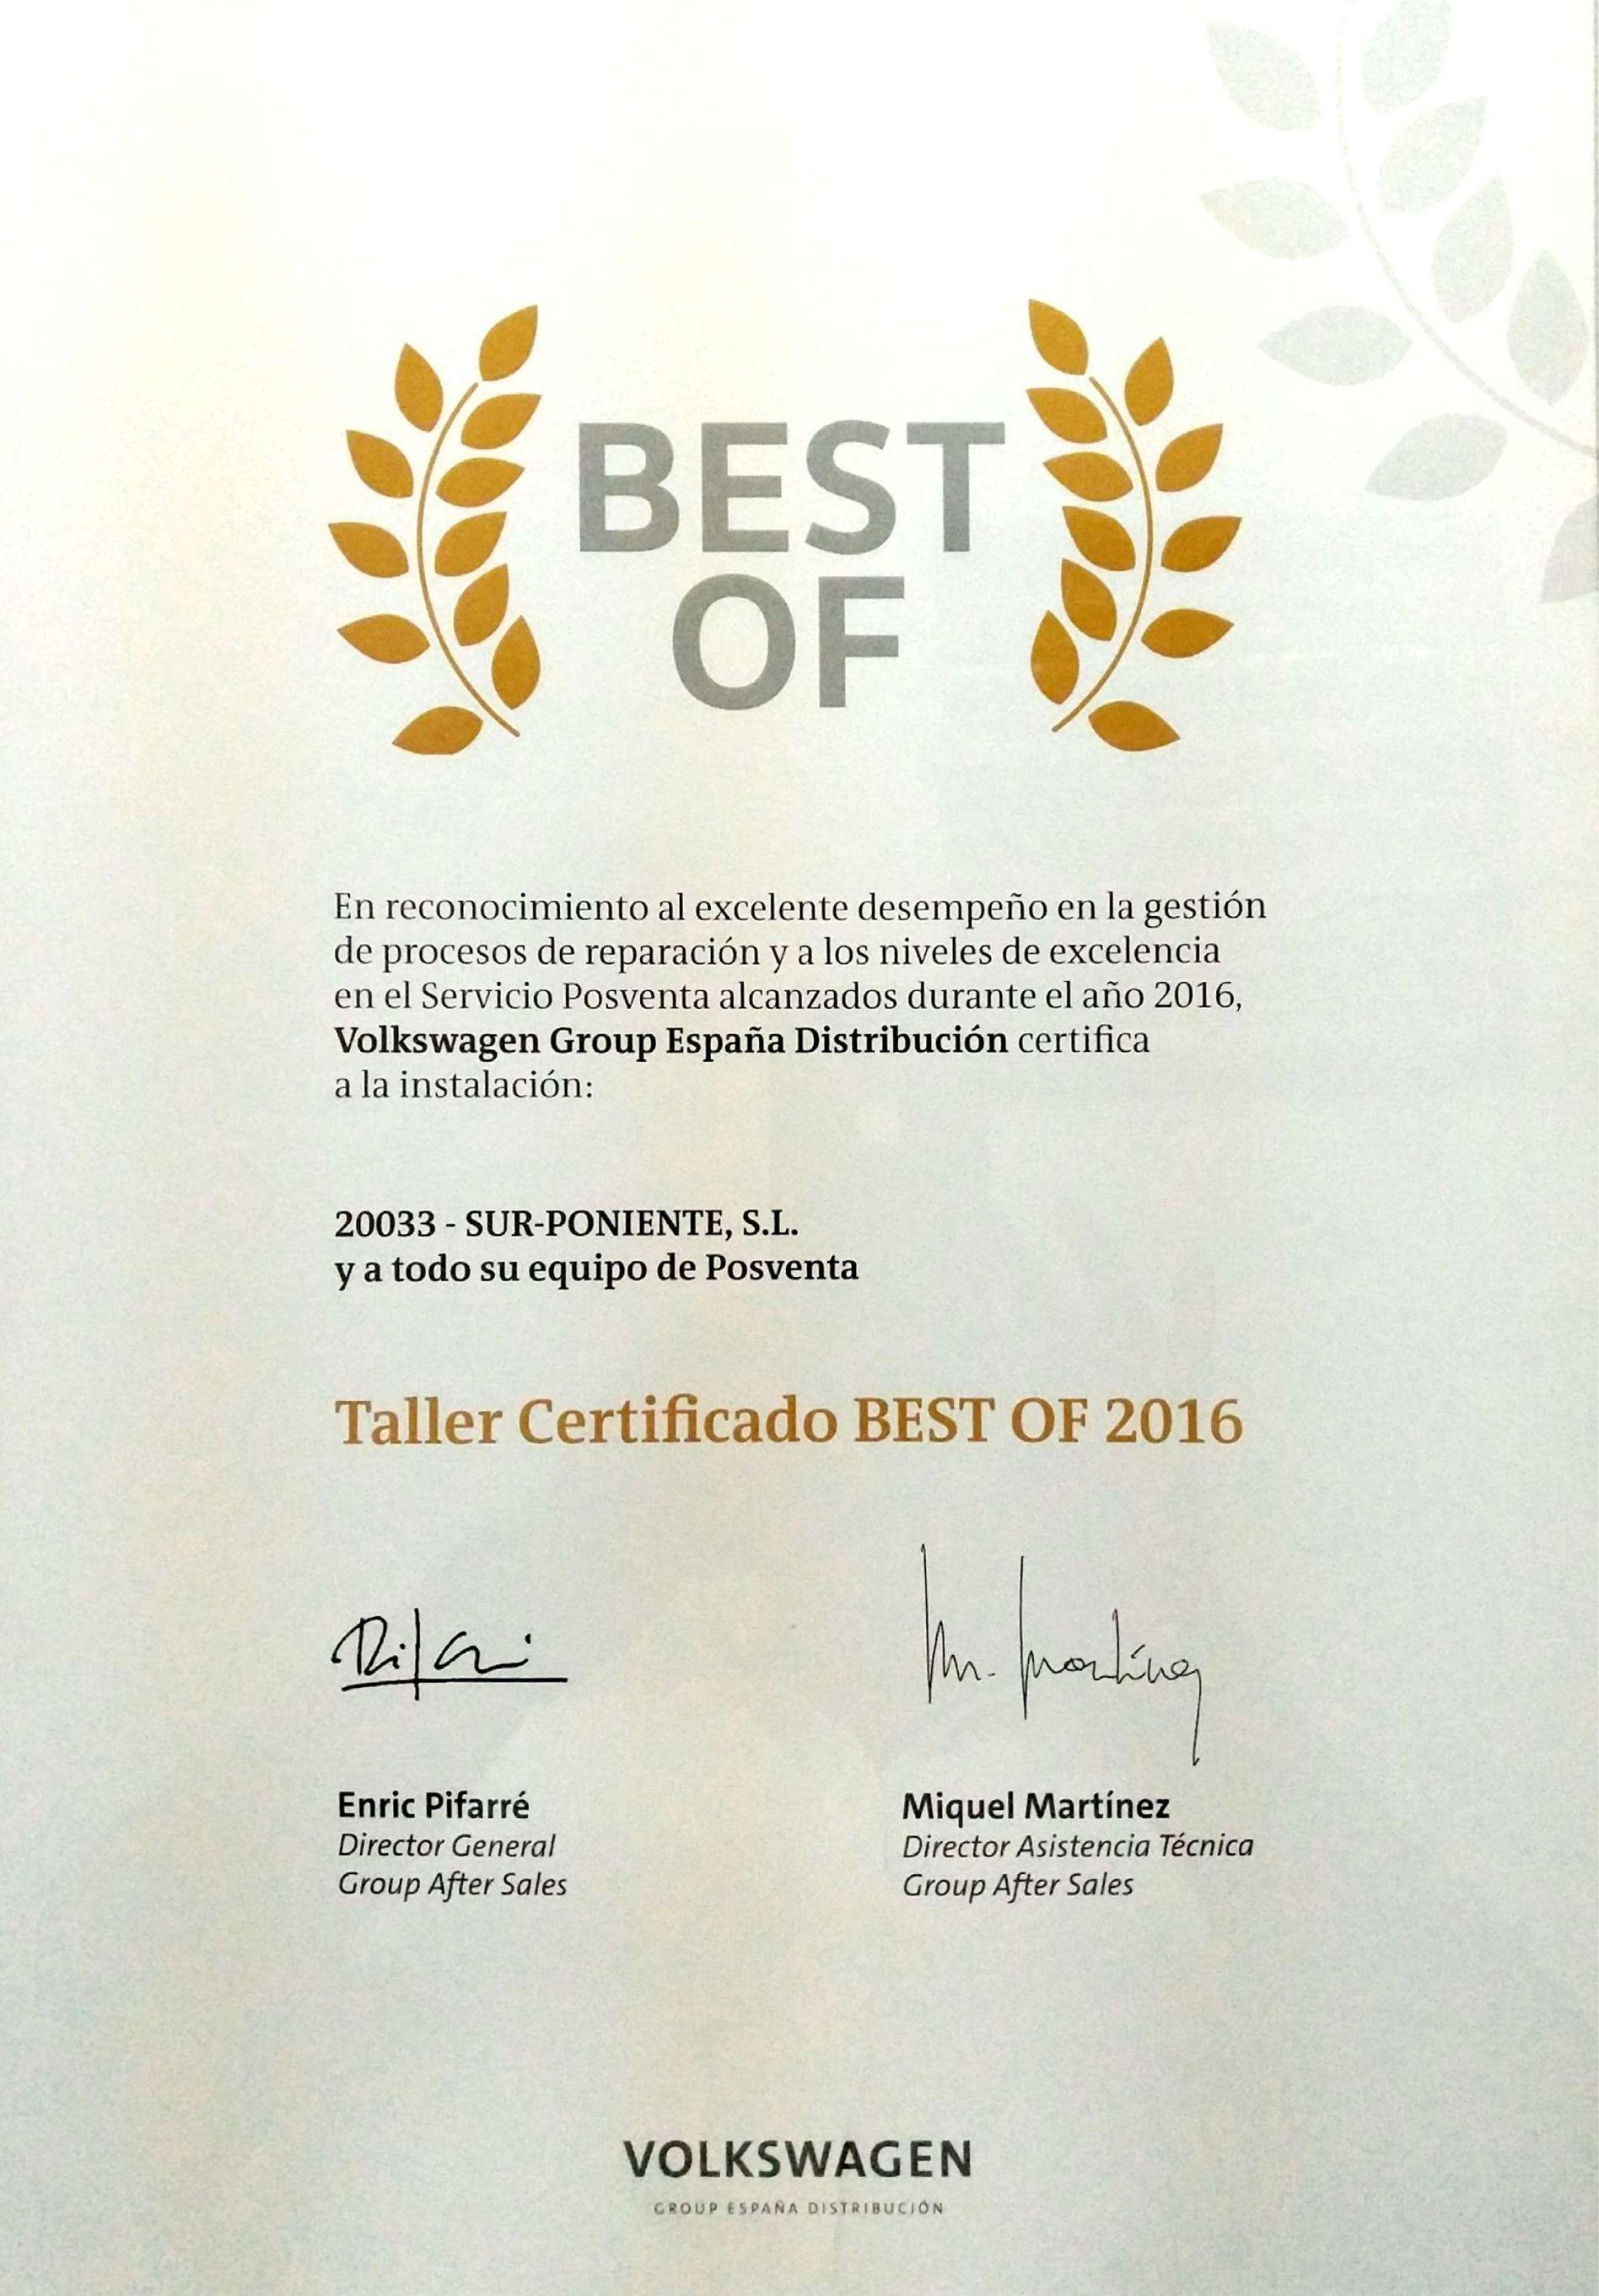 BEST OF 2016- Excelencia y Gestión